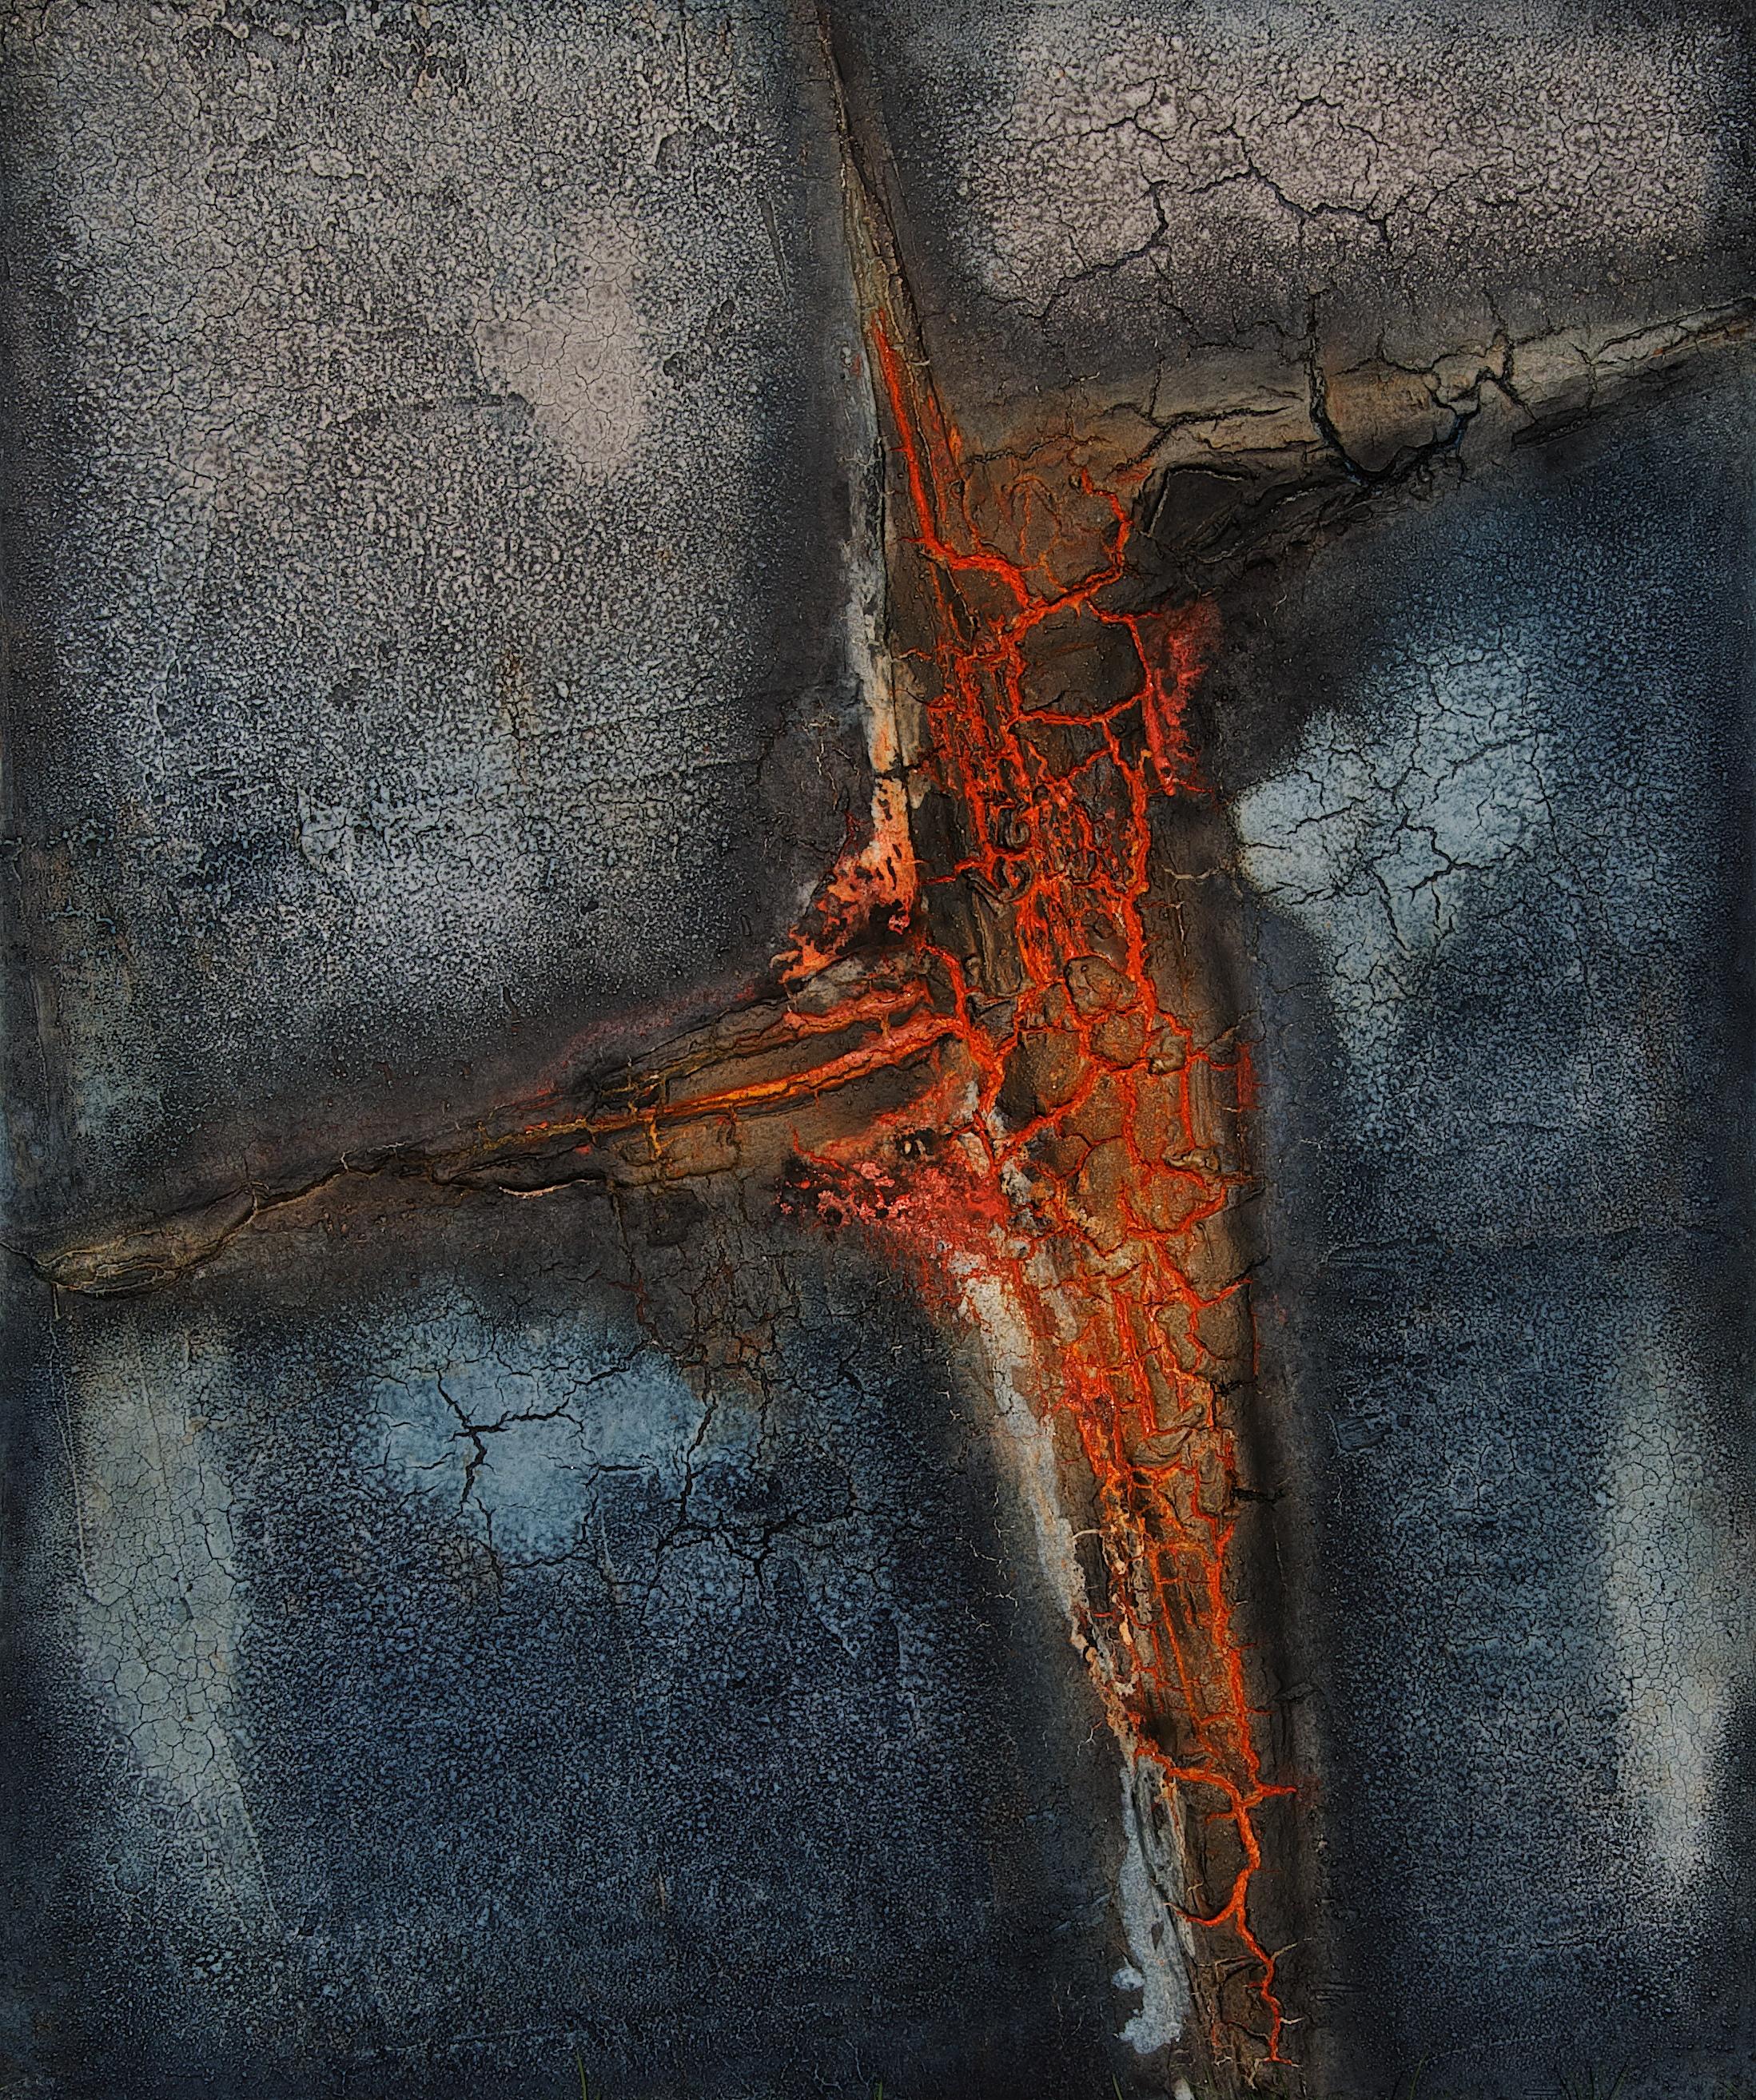 Leinwand_Marmormehl_Pigmente_Mohnöl_Beize_Schellack_100 x 120 cm